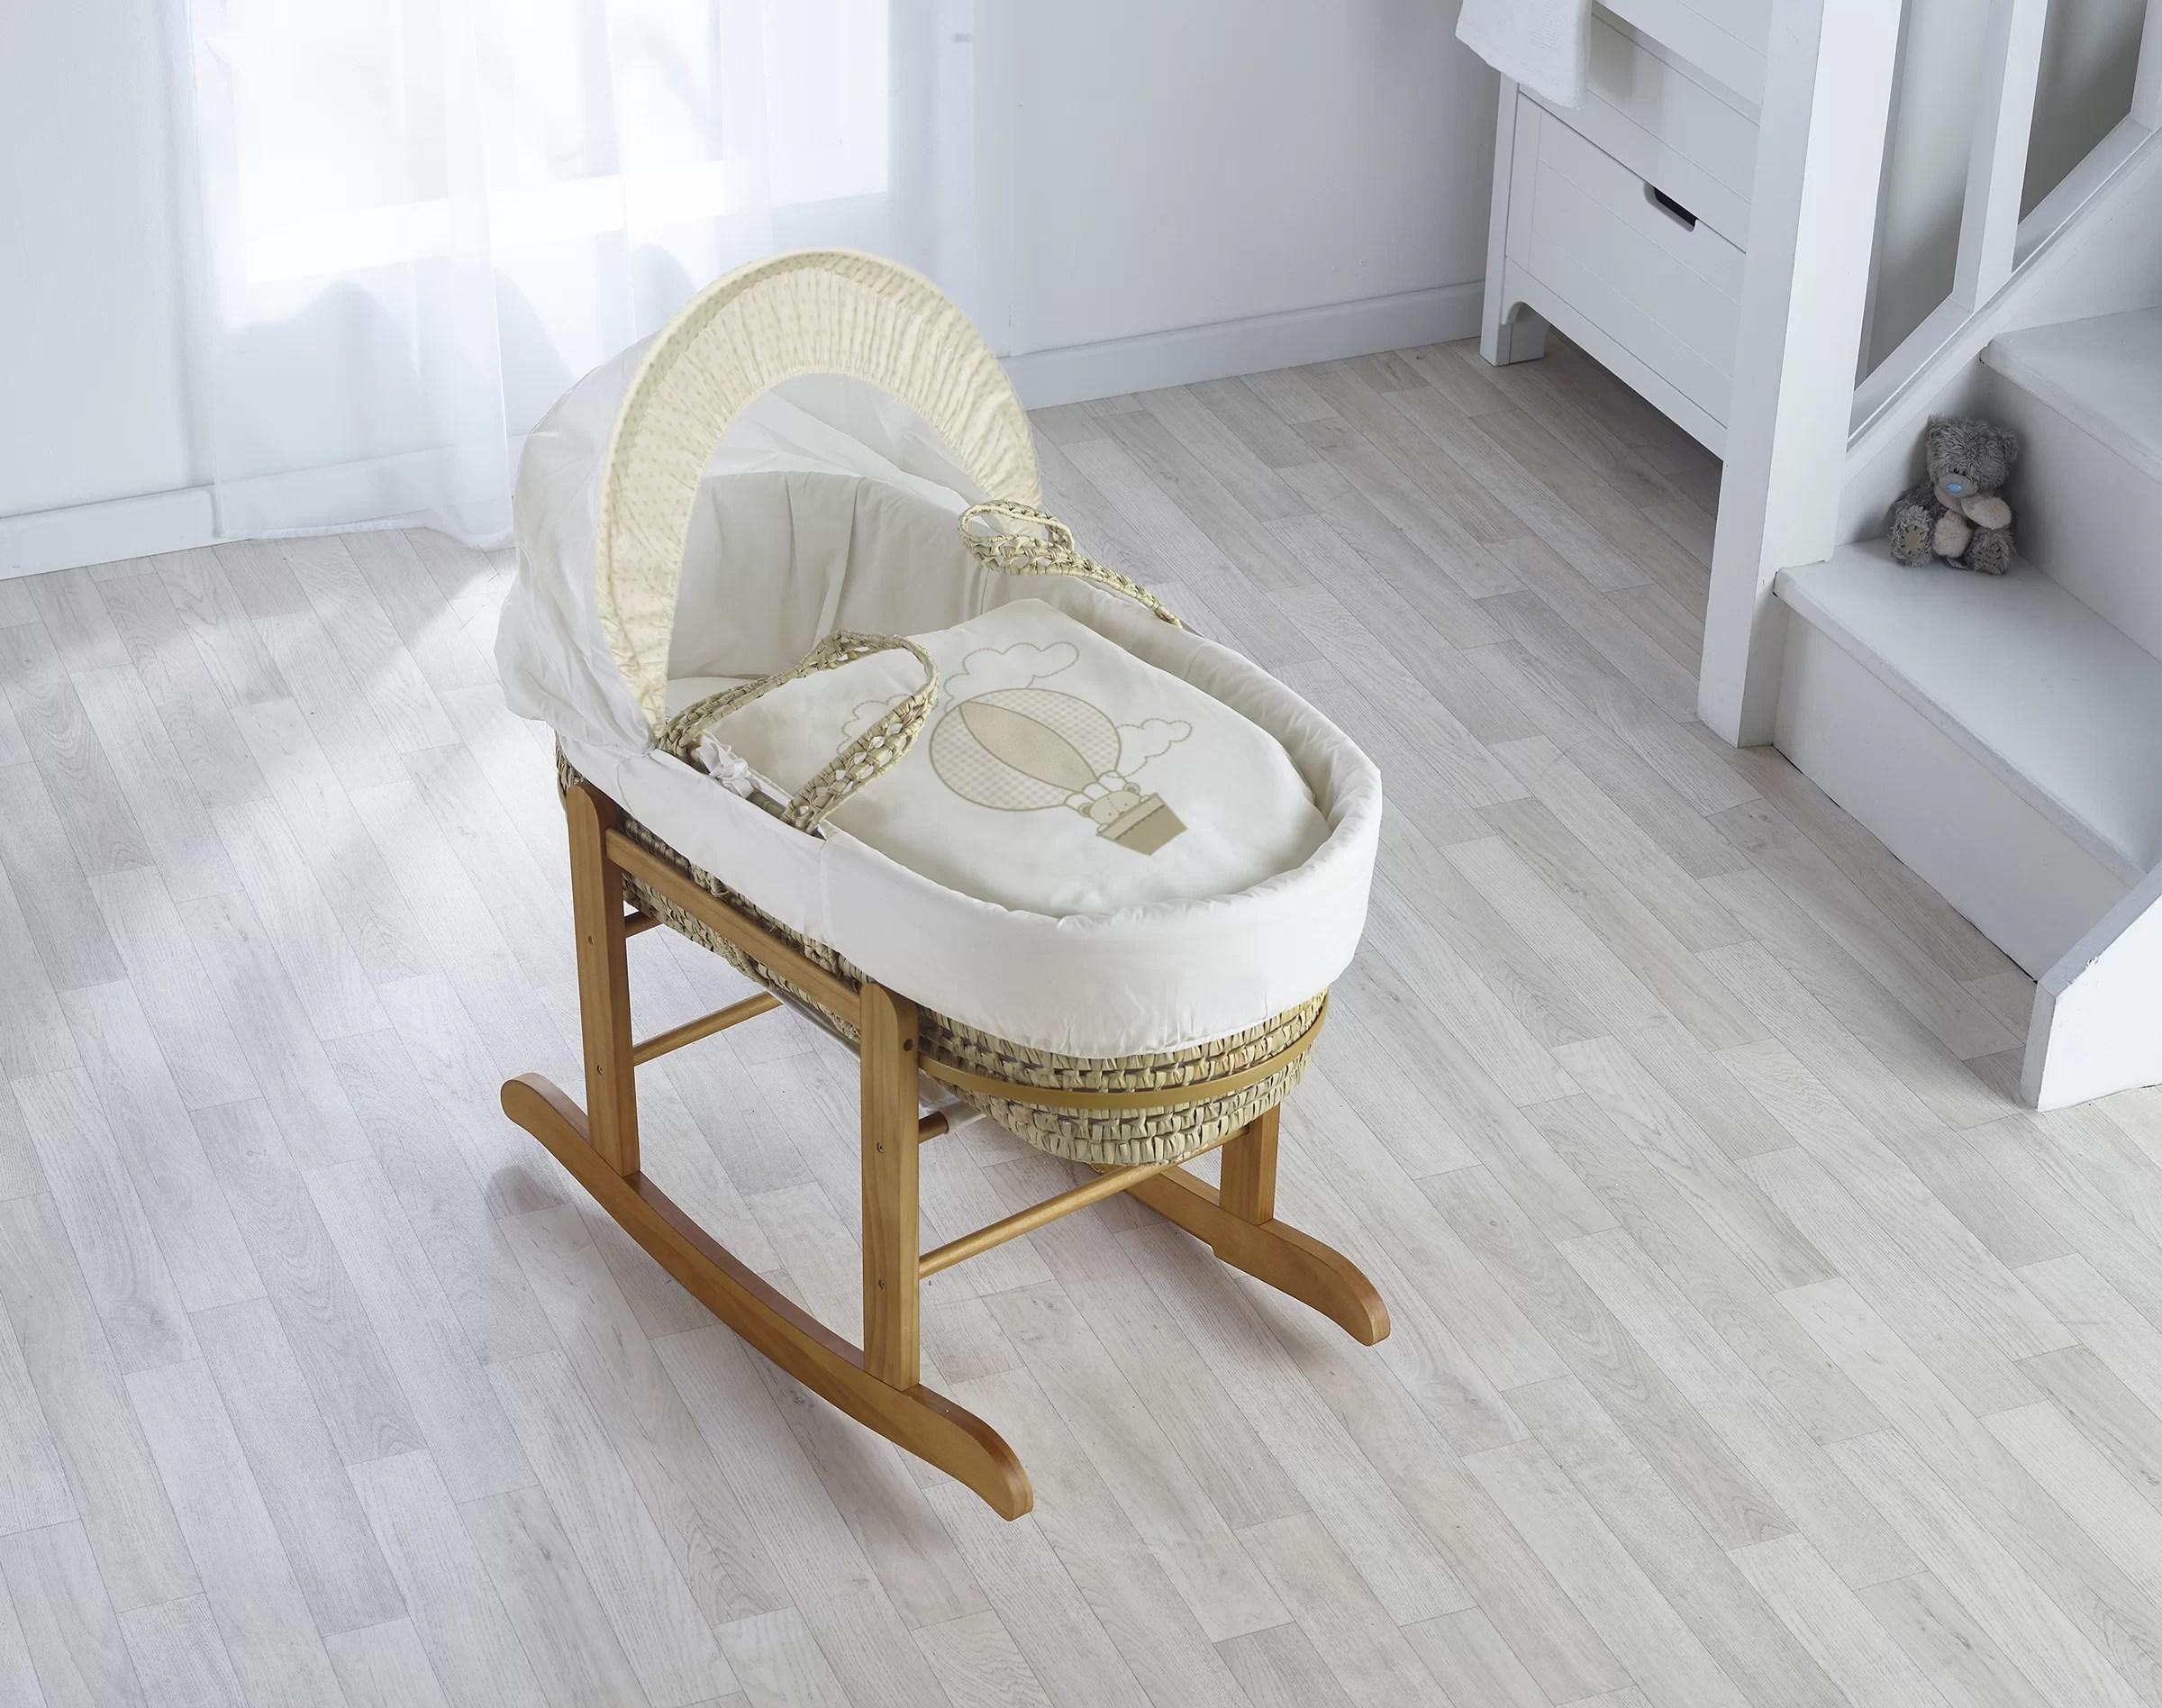 Babyzimmer möbel set ebay kleinanzeigen komplett kinderzimmer